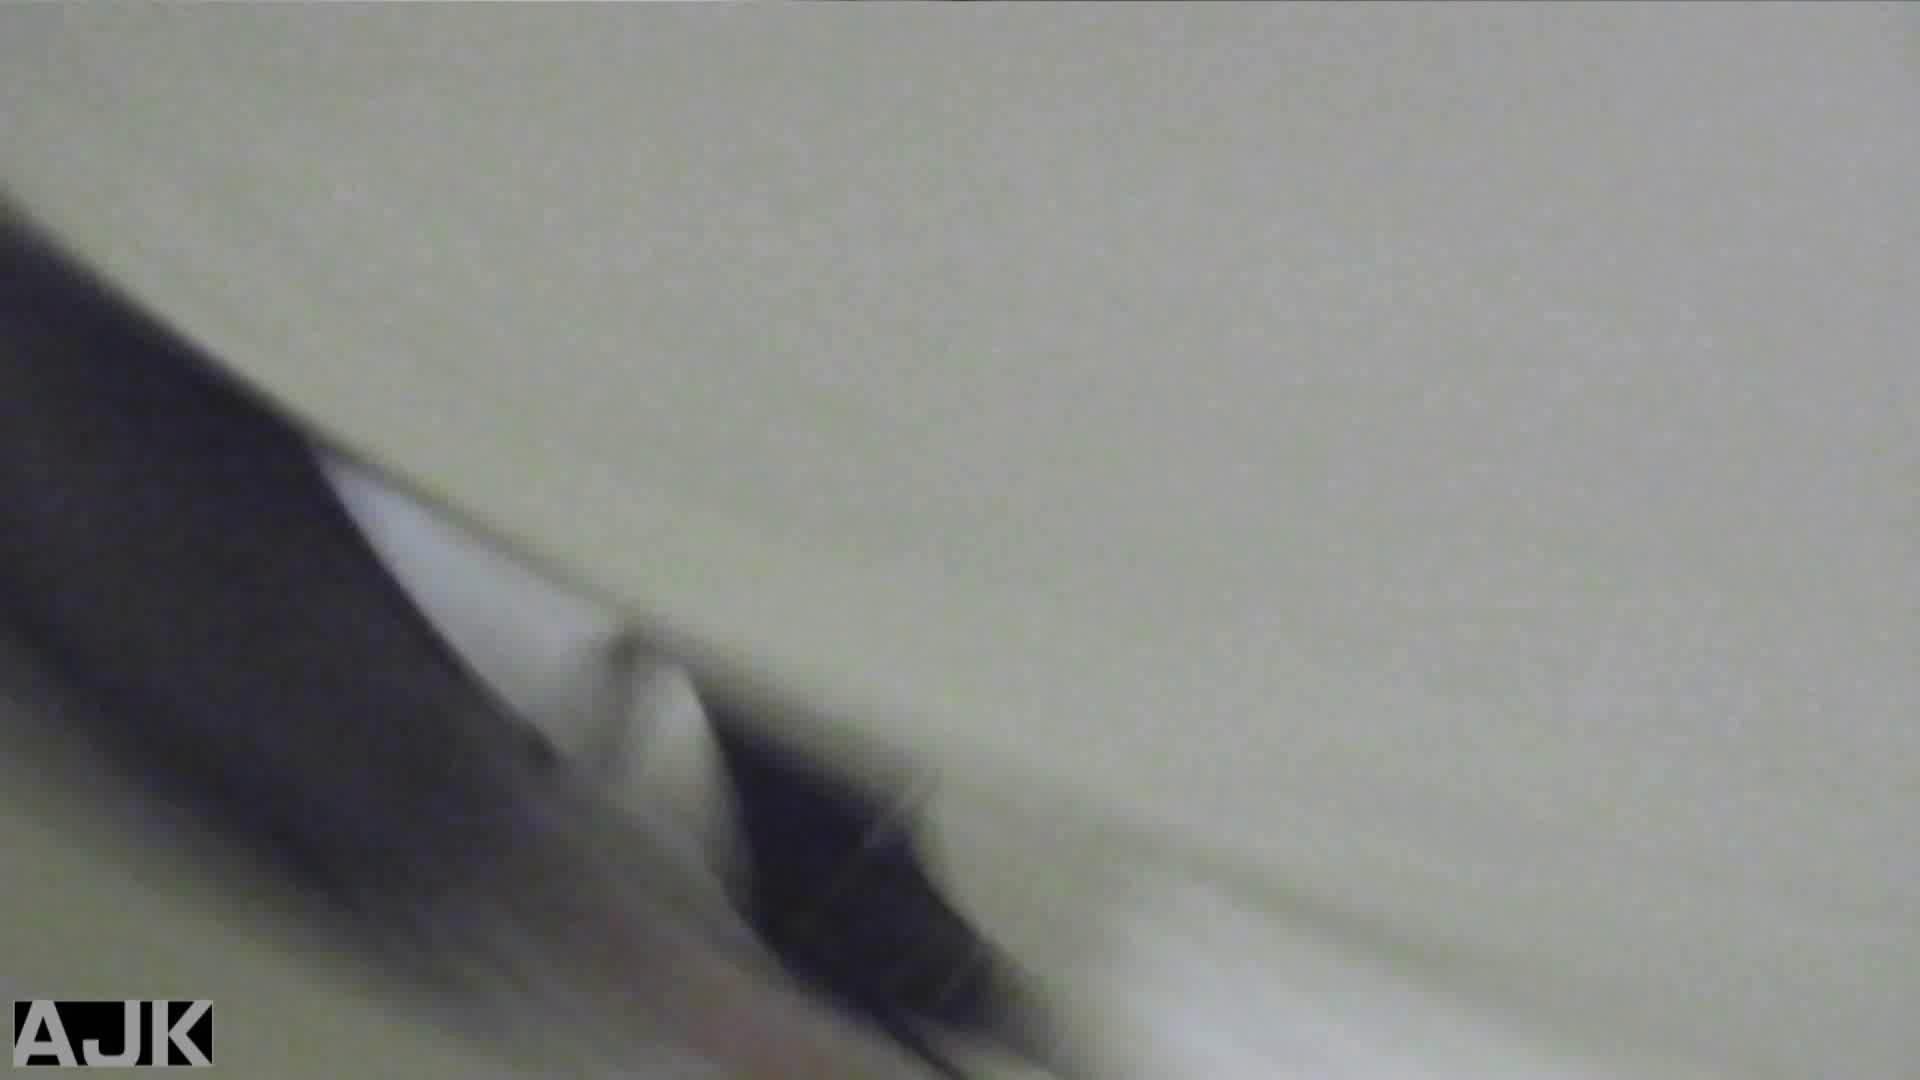 神降臨!史上最強の潜入かわや! vol.30 美女 スケベ動画紹介 82連発 47